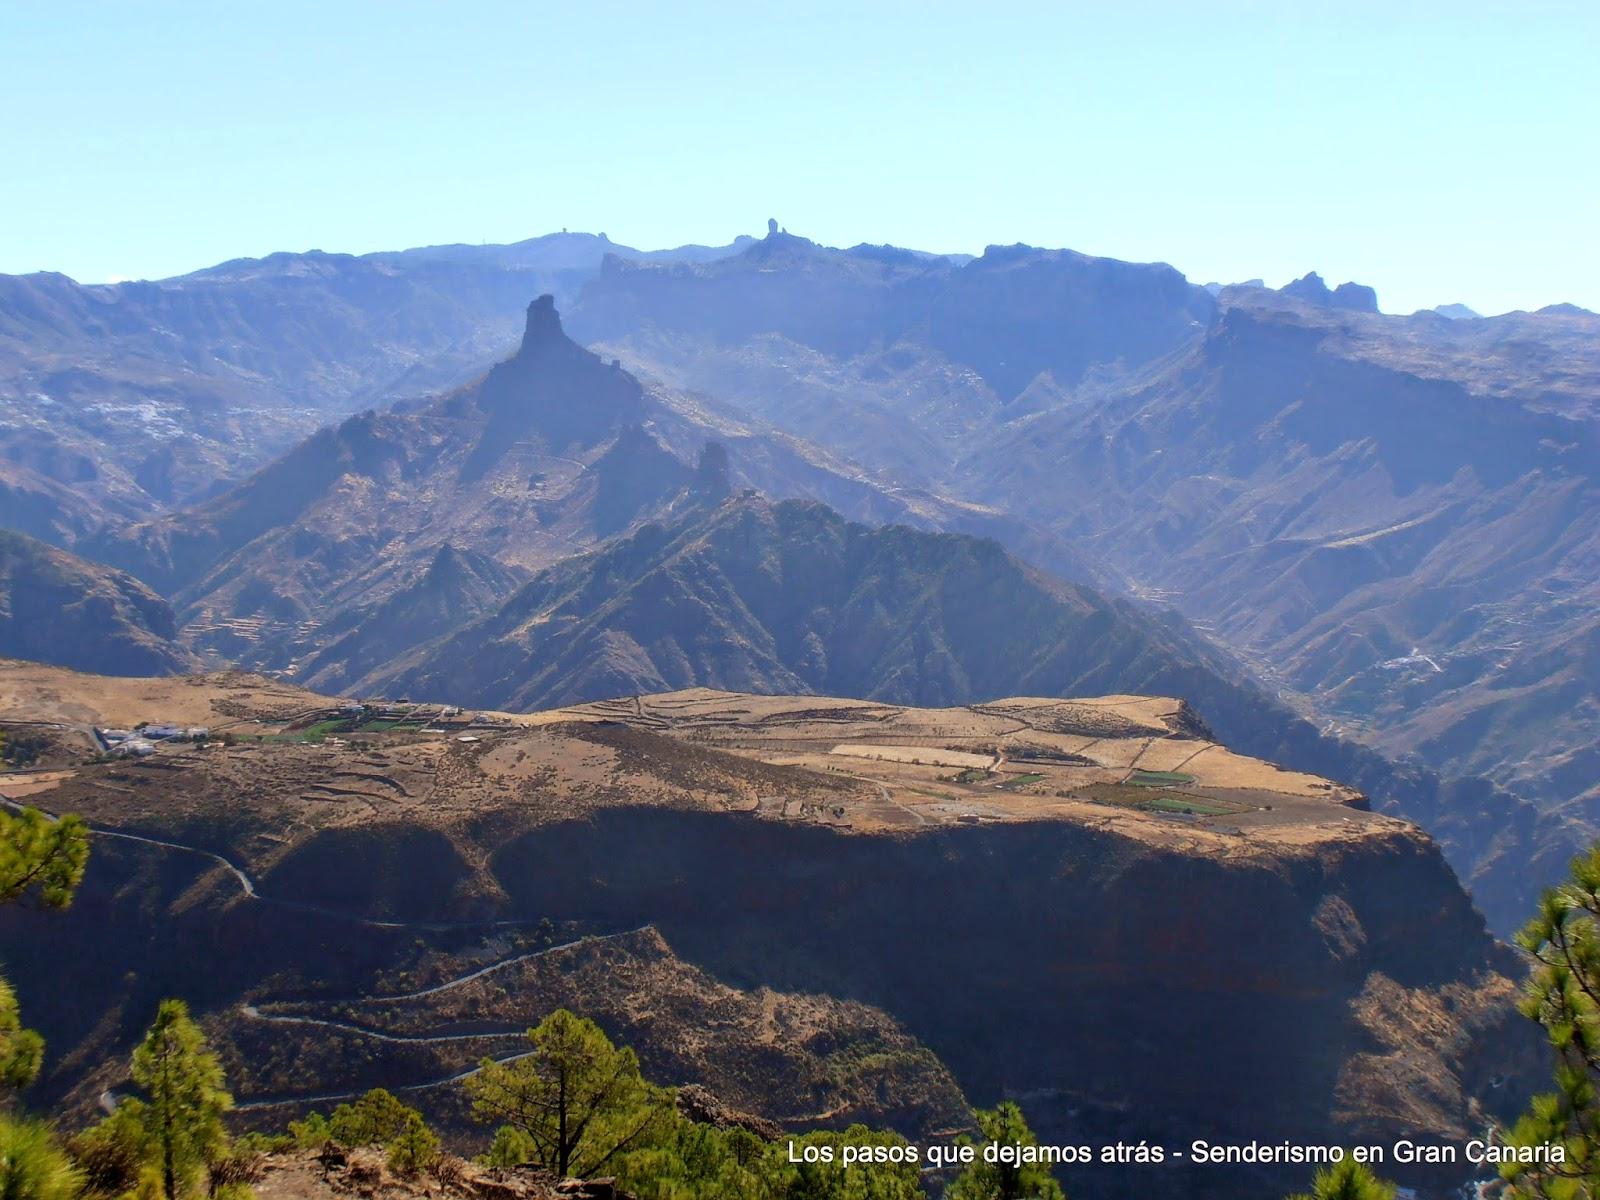 Mesa de Acusa, Roque Bentayga y Roque Nublo